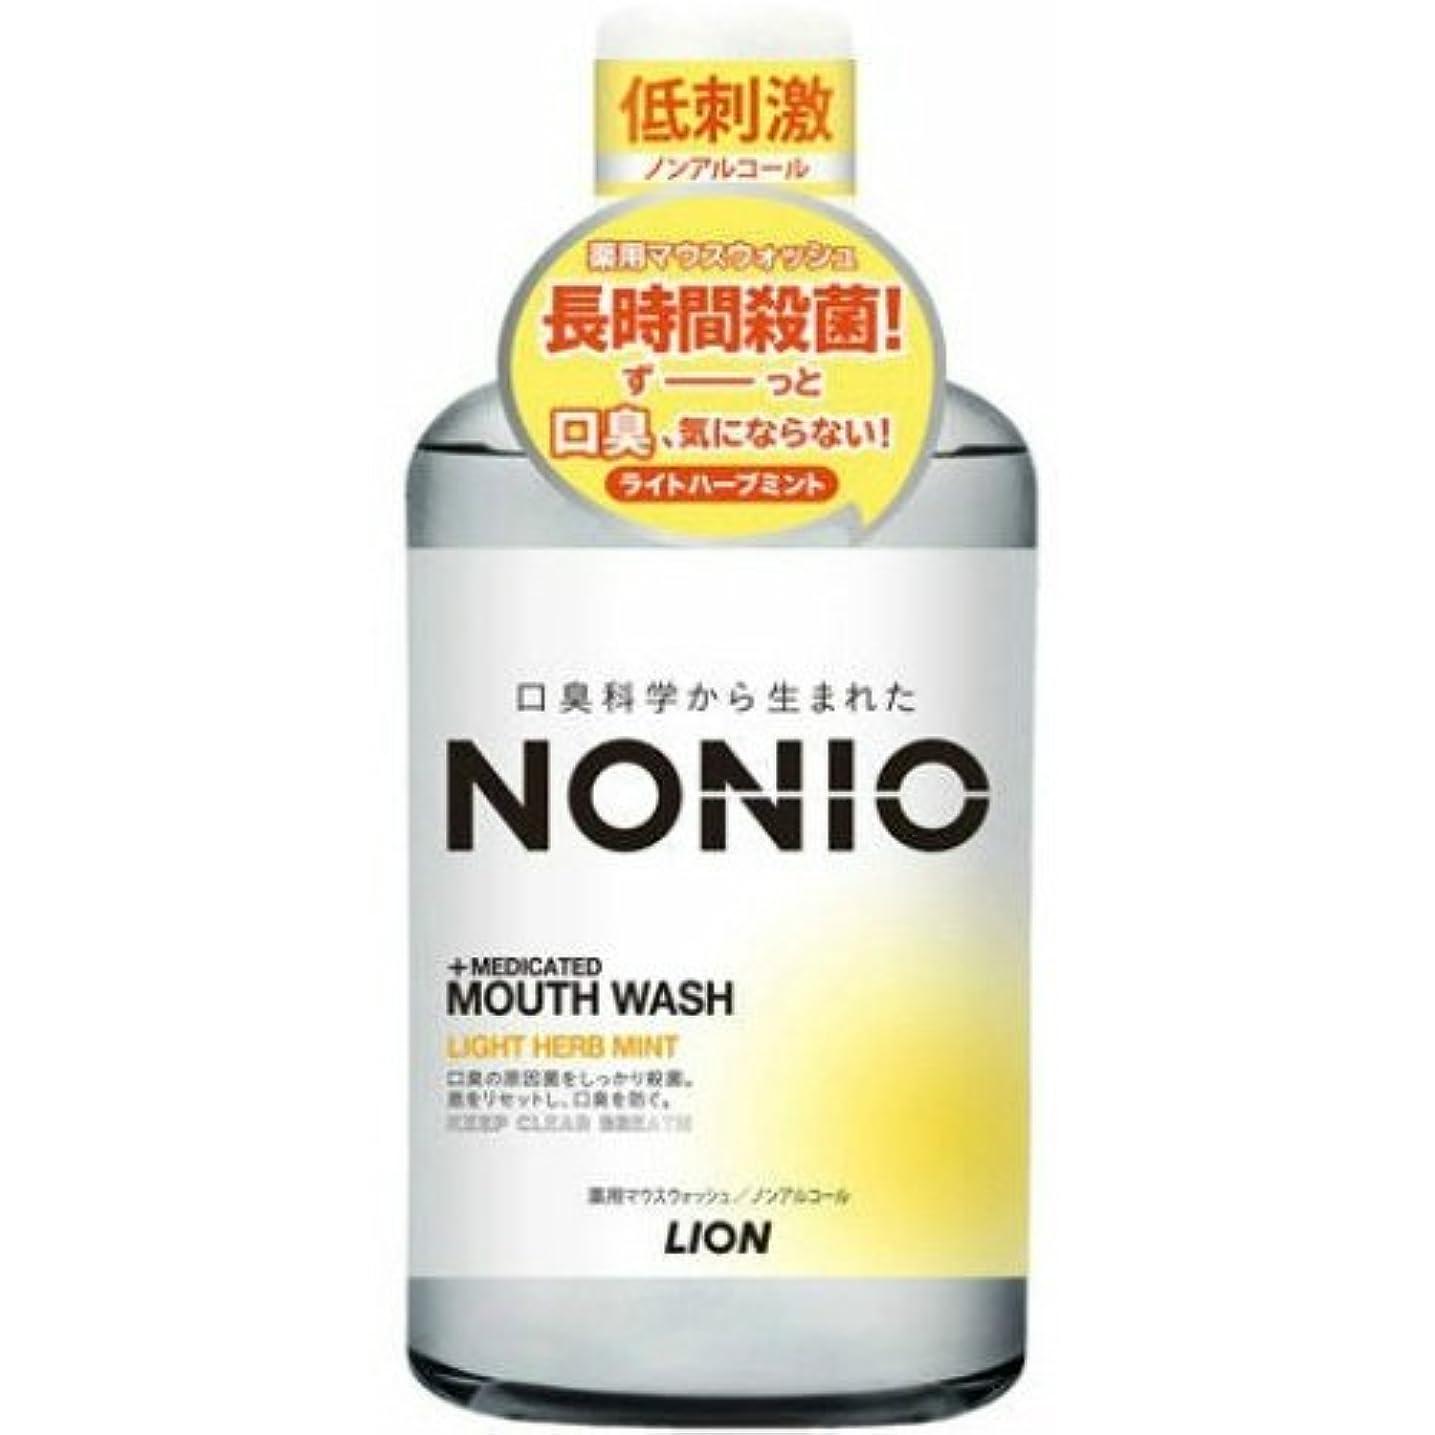 シャベル具体的に会社LION ライオン ノニオ NONIO 薬用マウスウォッシュ ノンアルコール ライトハーブミント 600ml 医薬部外品 ×012点セット(4903301259398)